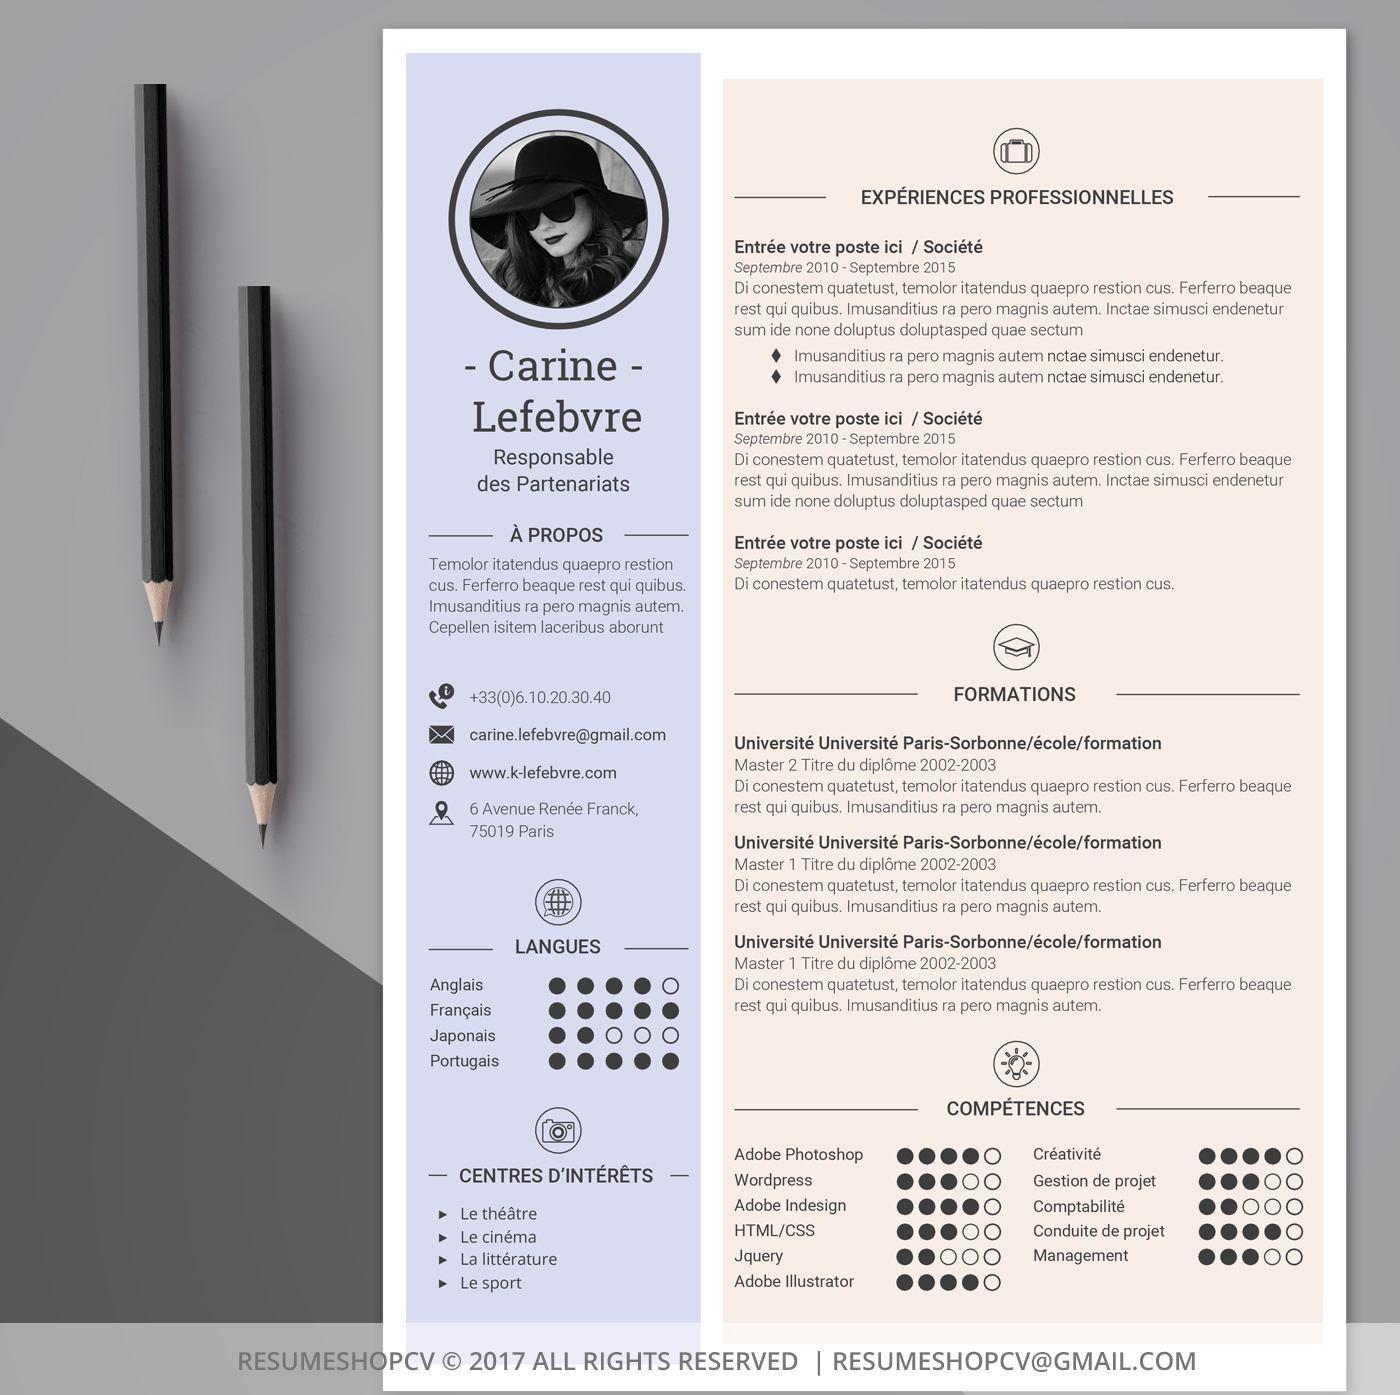 4 Cv Curriculum Vitae Professionnel Moderne Et Graphique Etsy Cv Curriculum Vitae Modele Lettre De Motivation Curriculum Vitae